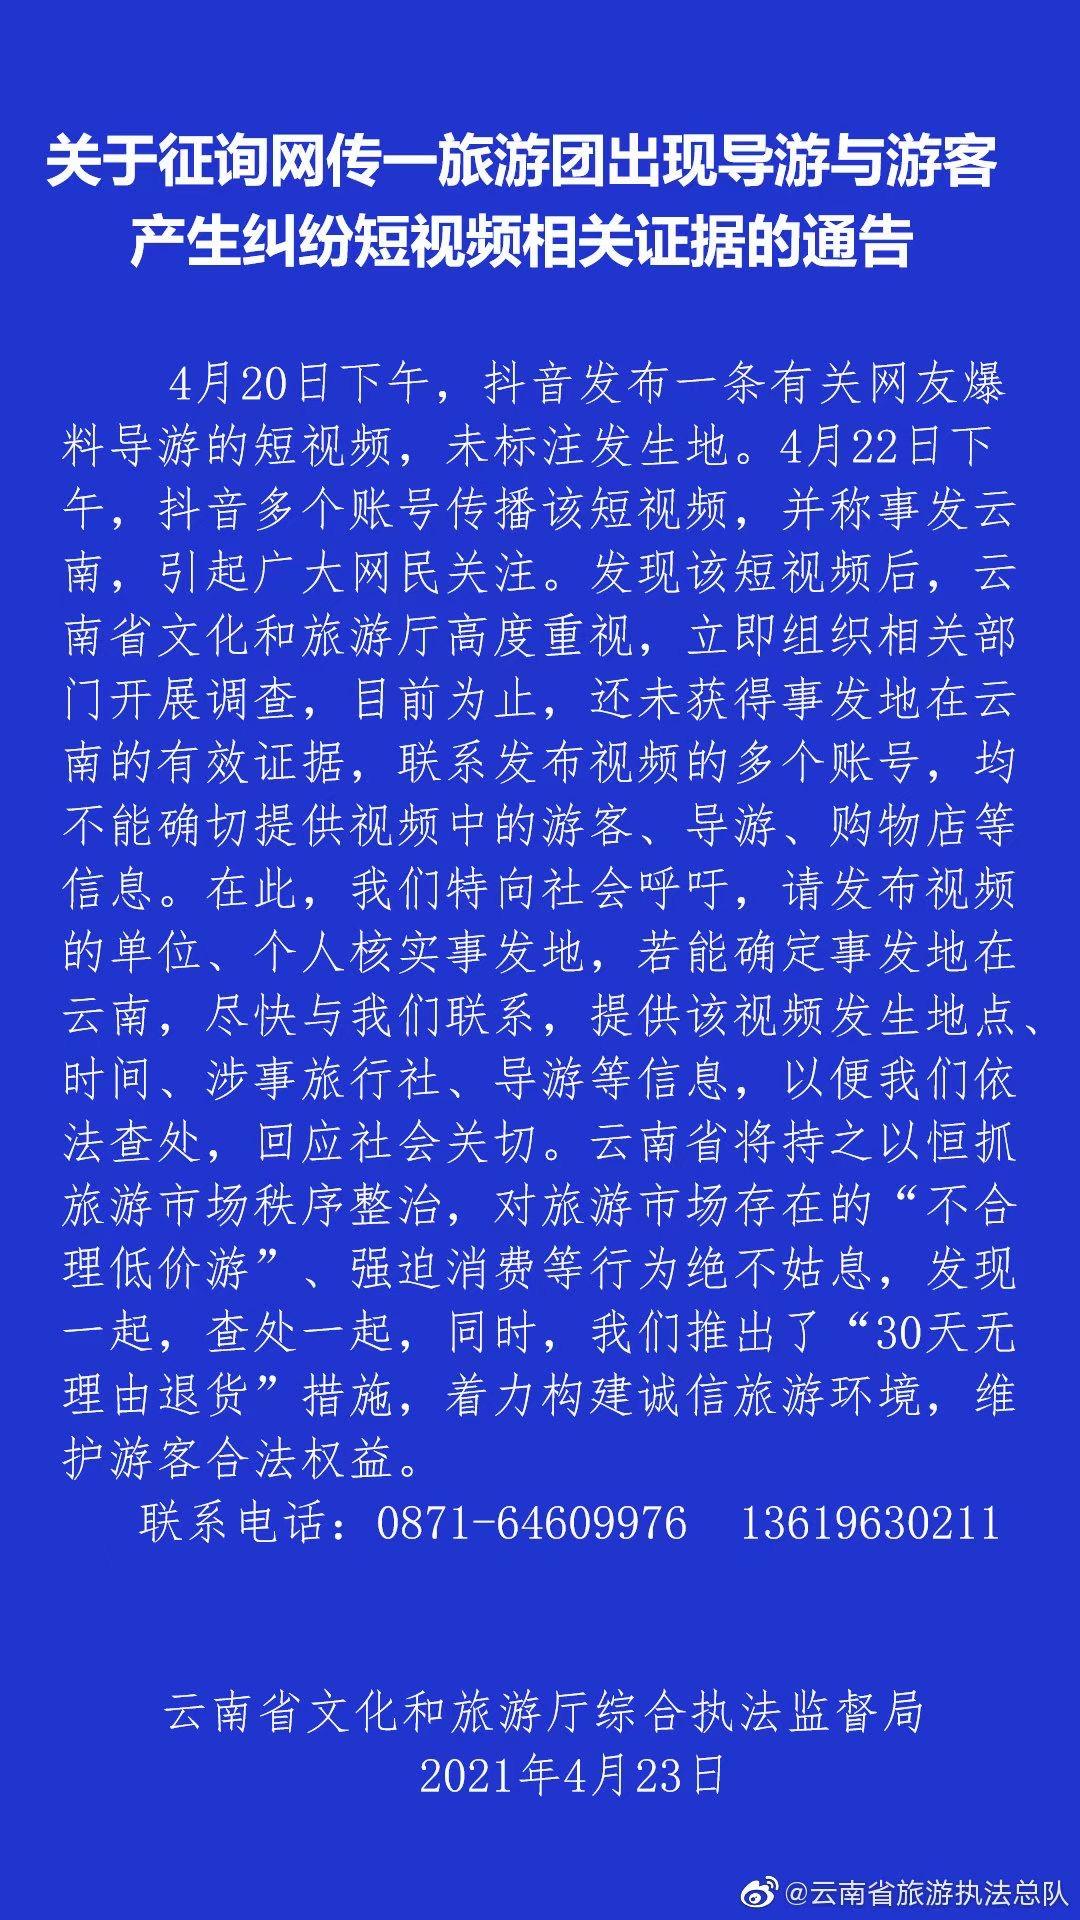 云南省文化和旅游厅发布通告:征询导游与游客产生纠纷短视频相关证据